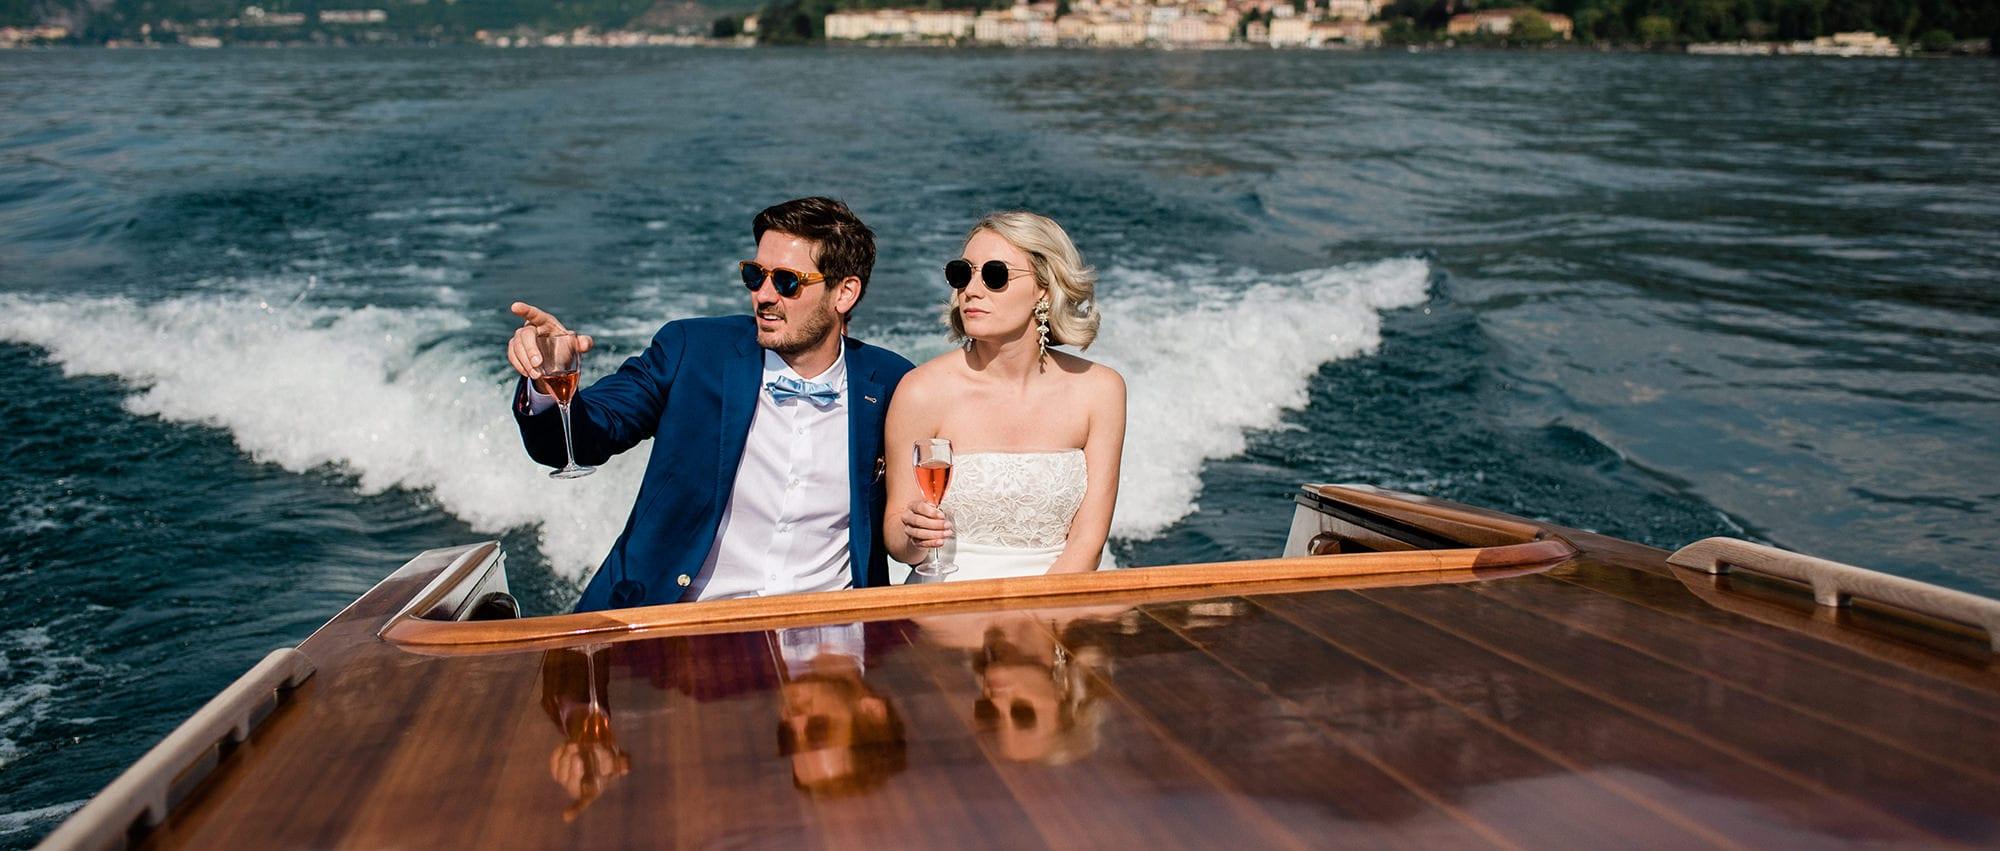 Our secret rendez-vous / Elopement Photographer Lake Como